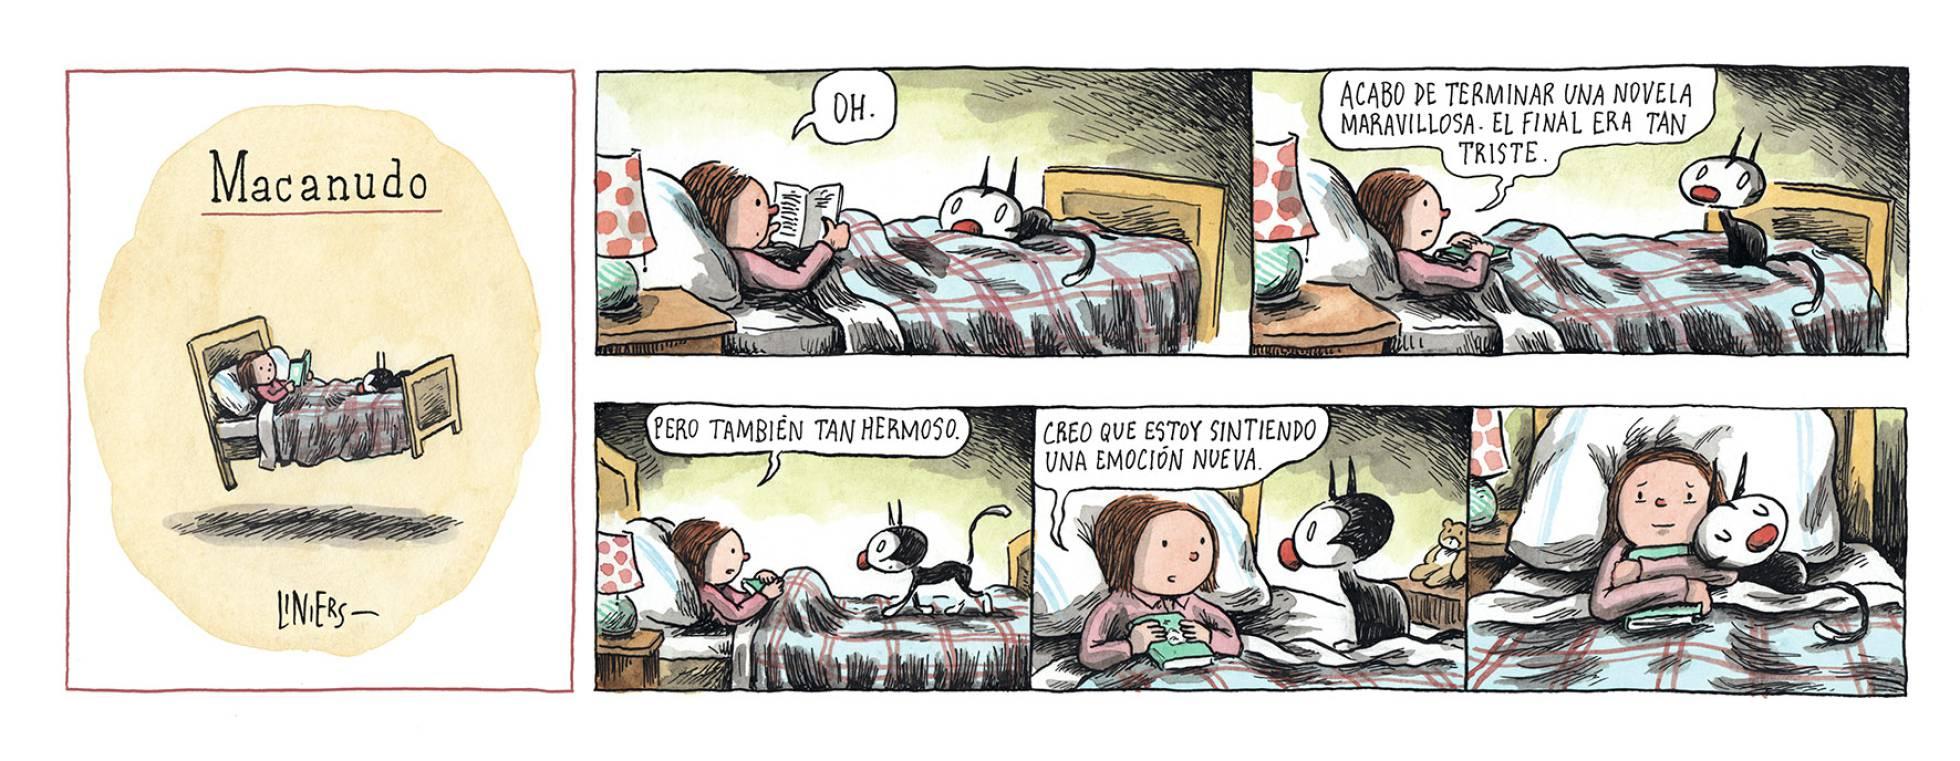 Liniers, en El País, 09/06/2019